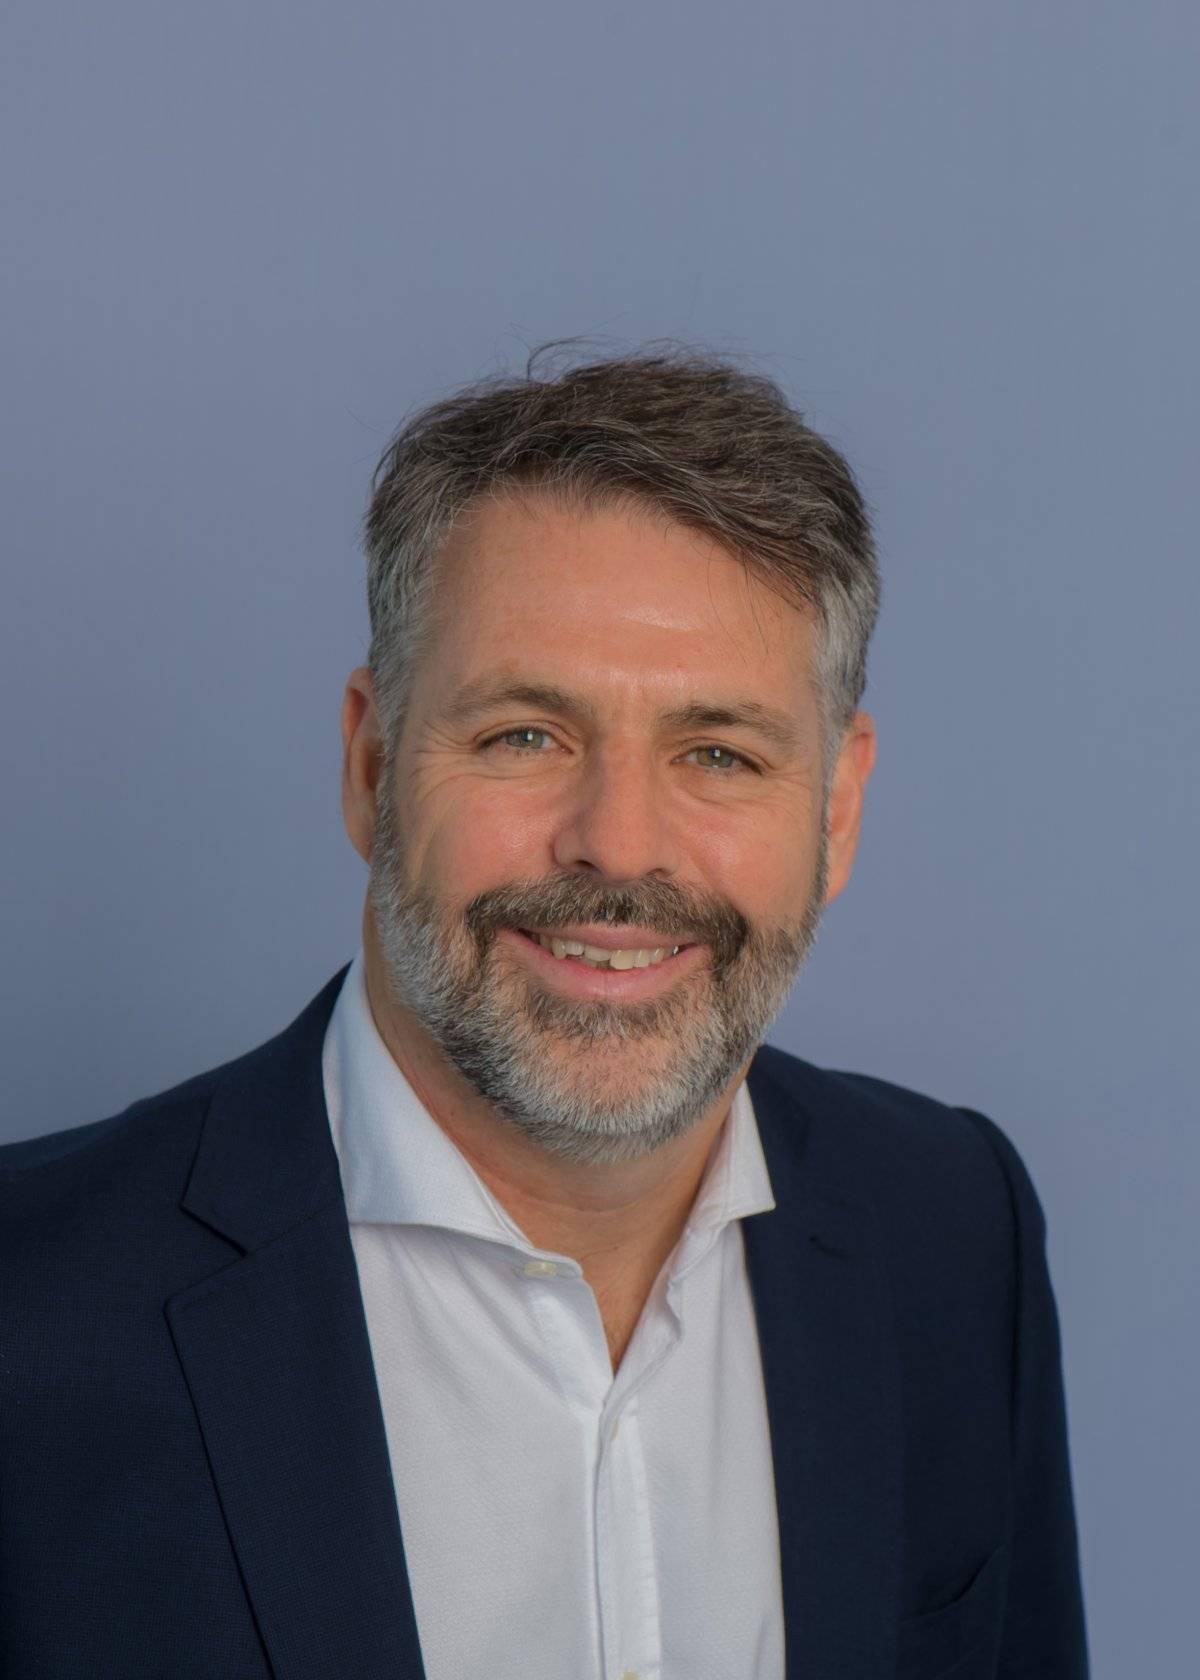 Stuart Orr, profesor de negocios y derecho en la Universidad Deakin con sede en Australia